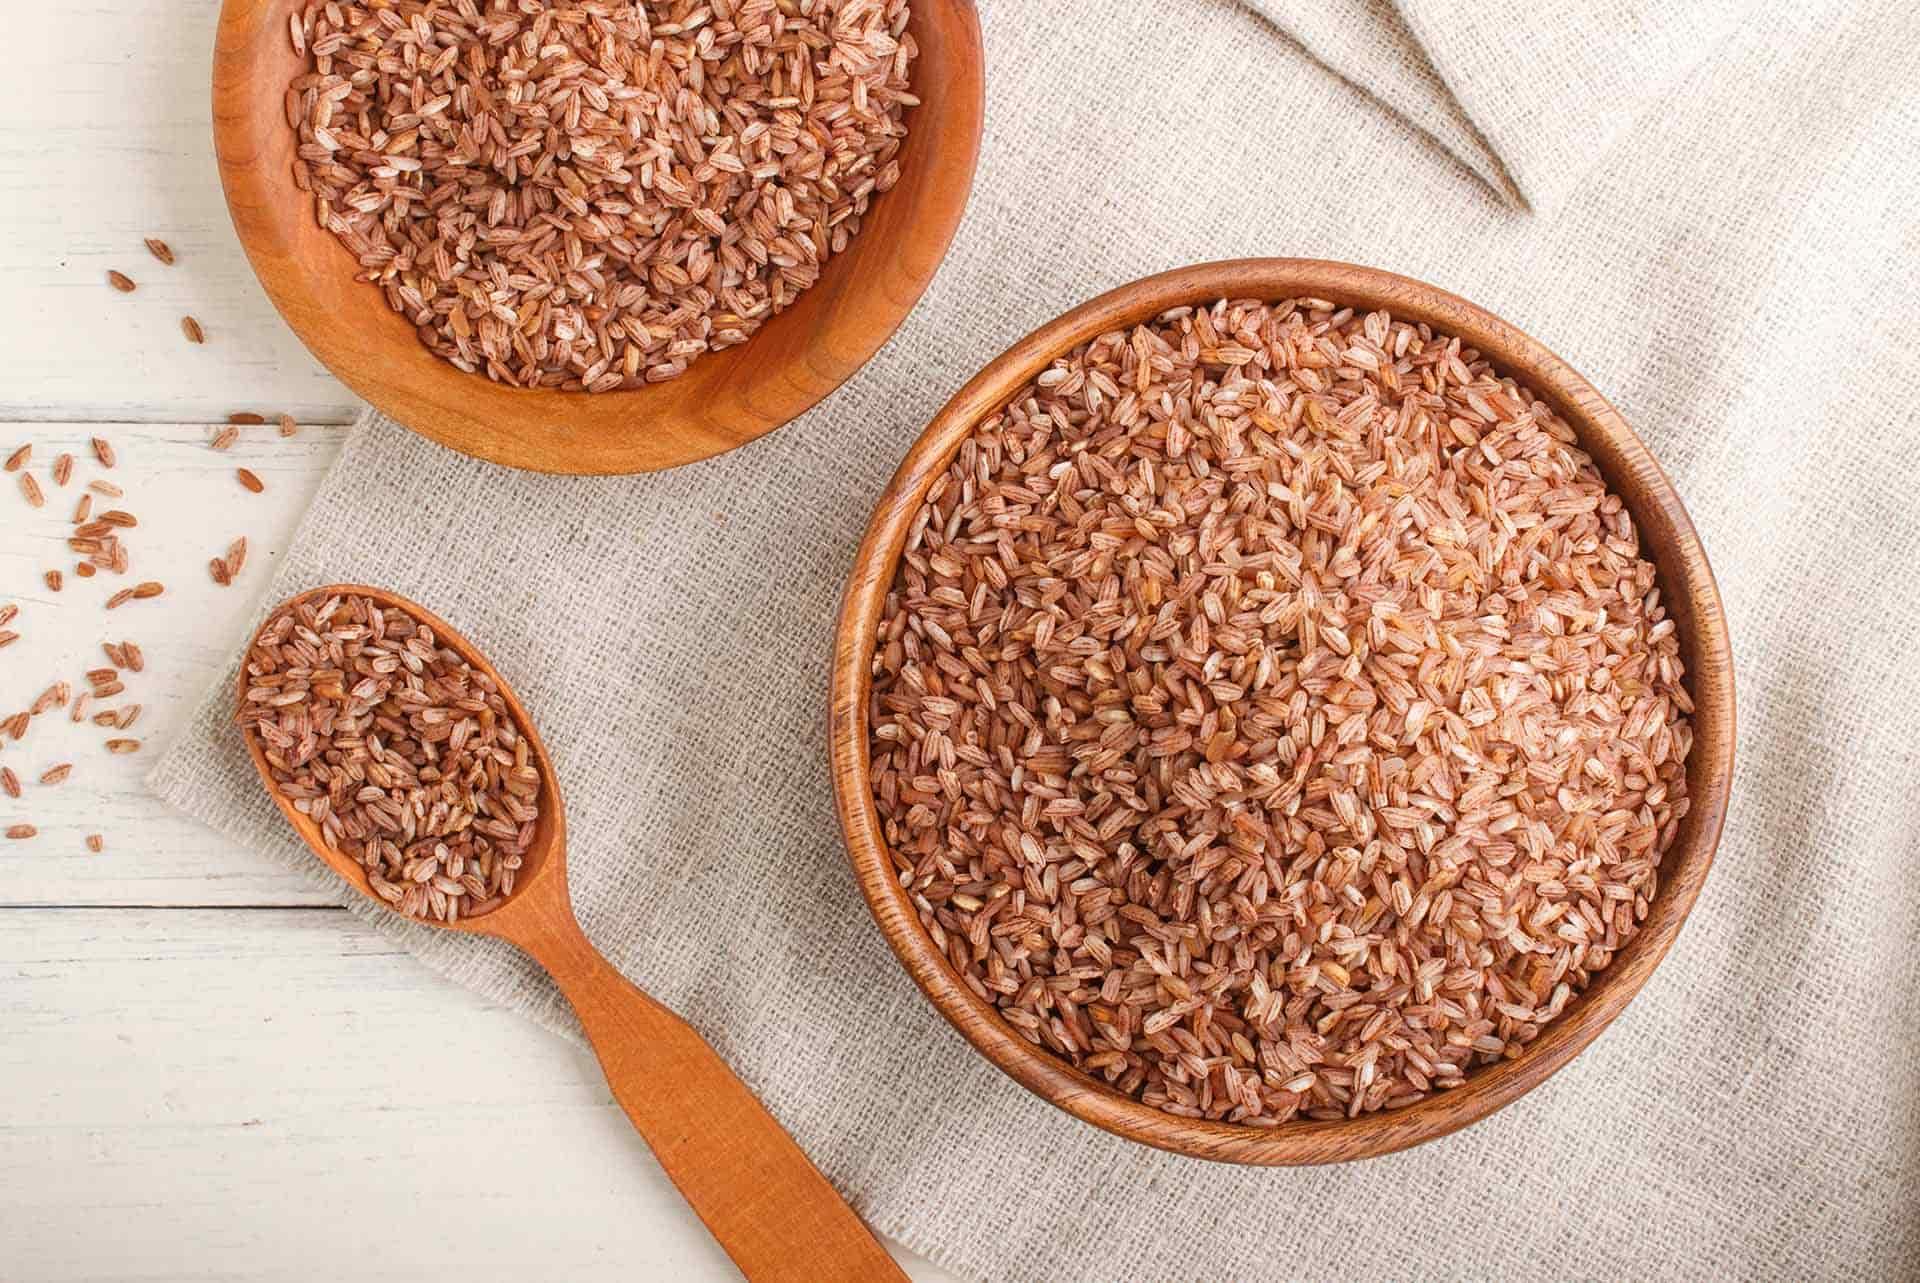 Kepekli Pirinç Ve Faydaları